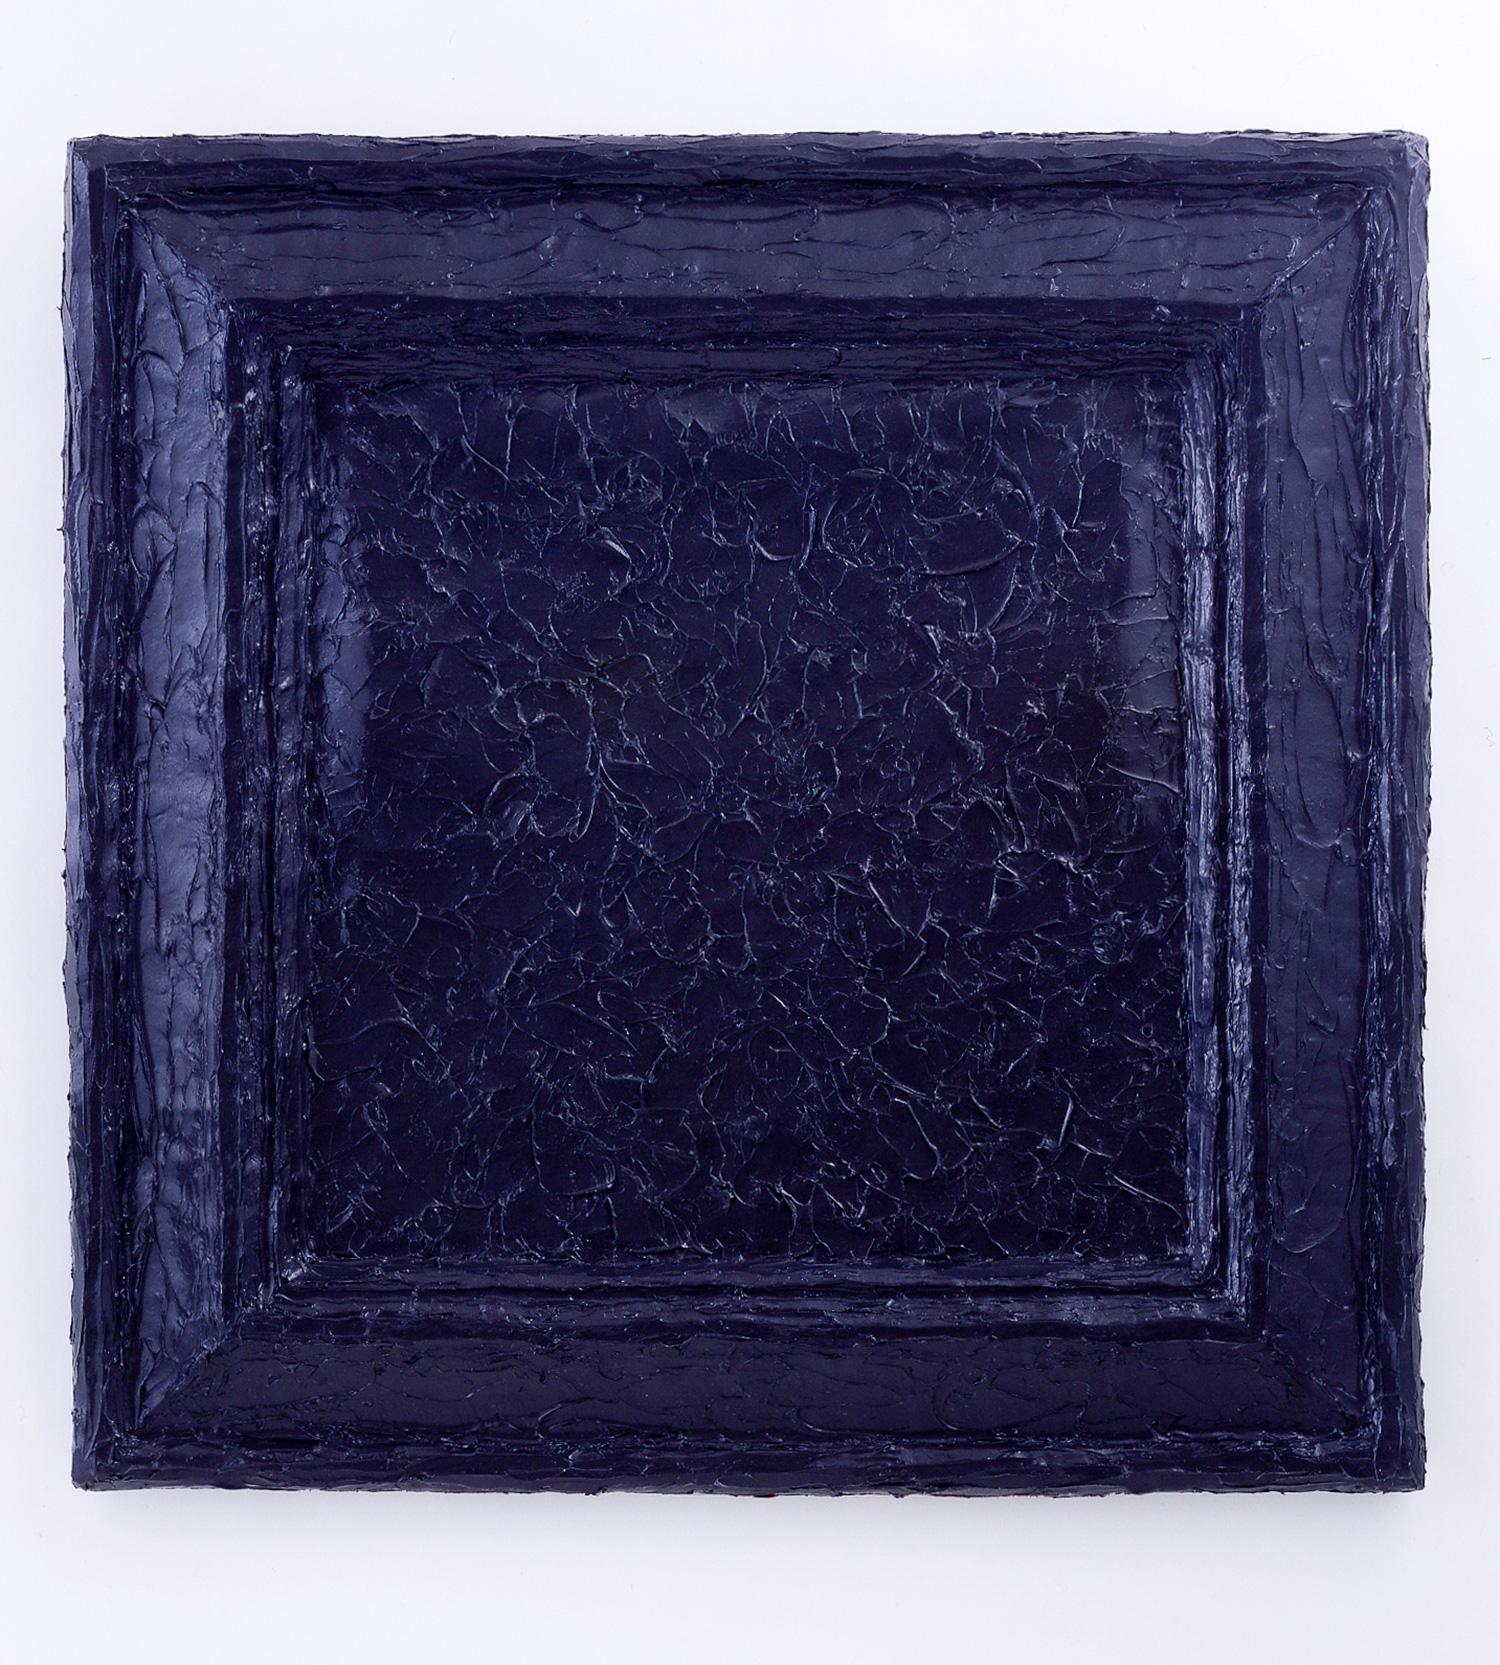 0001-GRAFITE-1990-silicone-e-pigmento-71x71x6,5cm.jpg